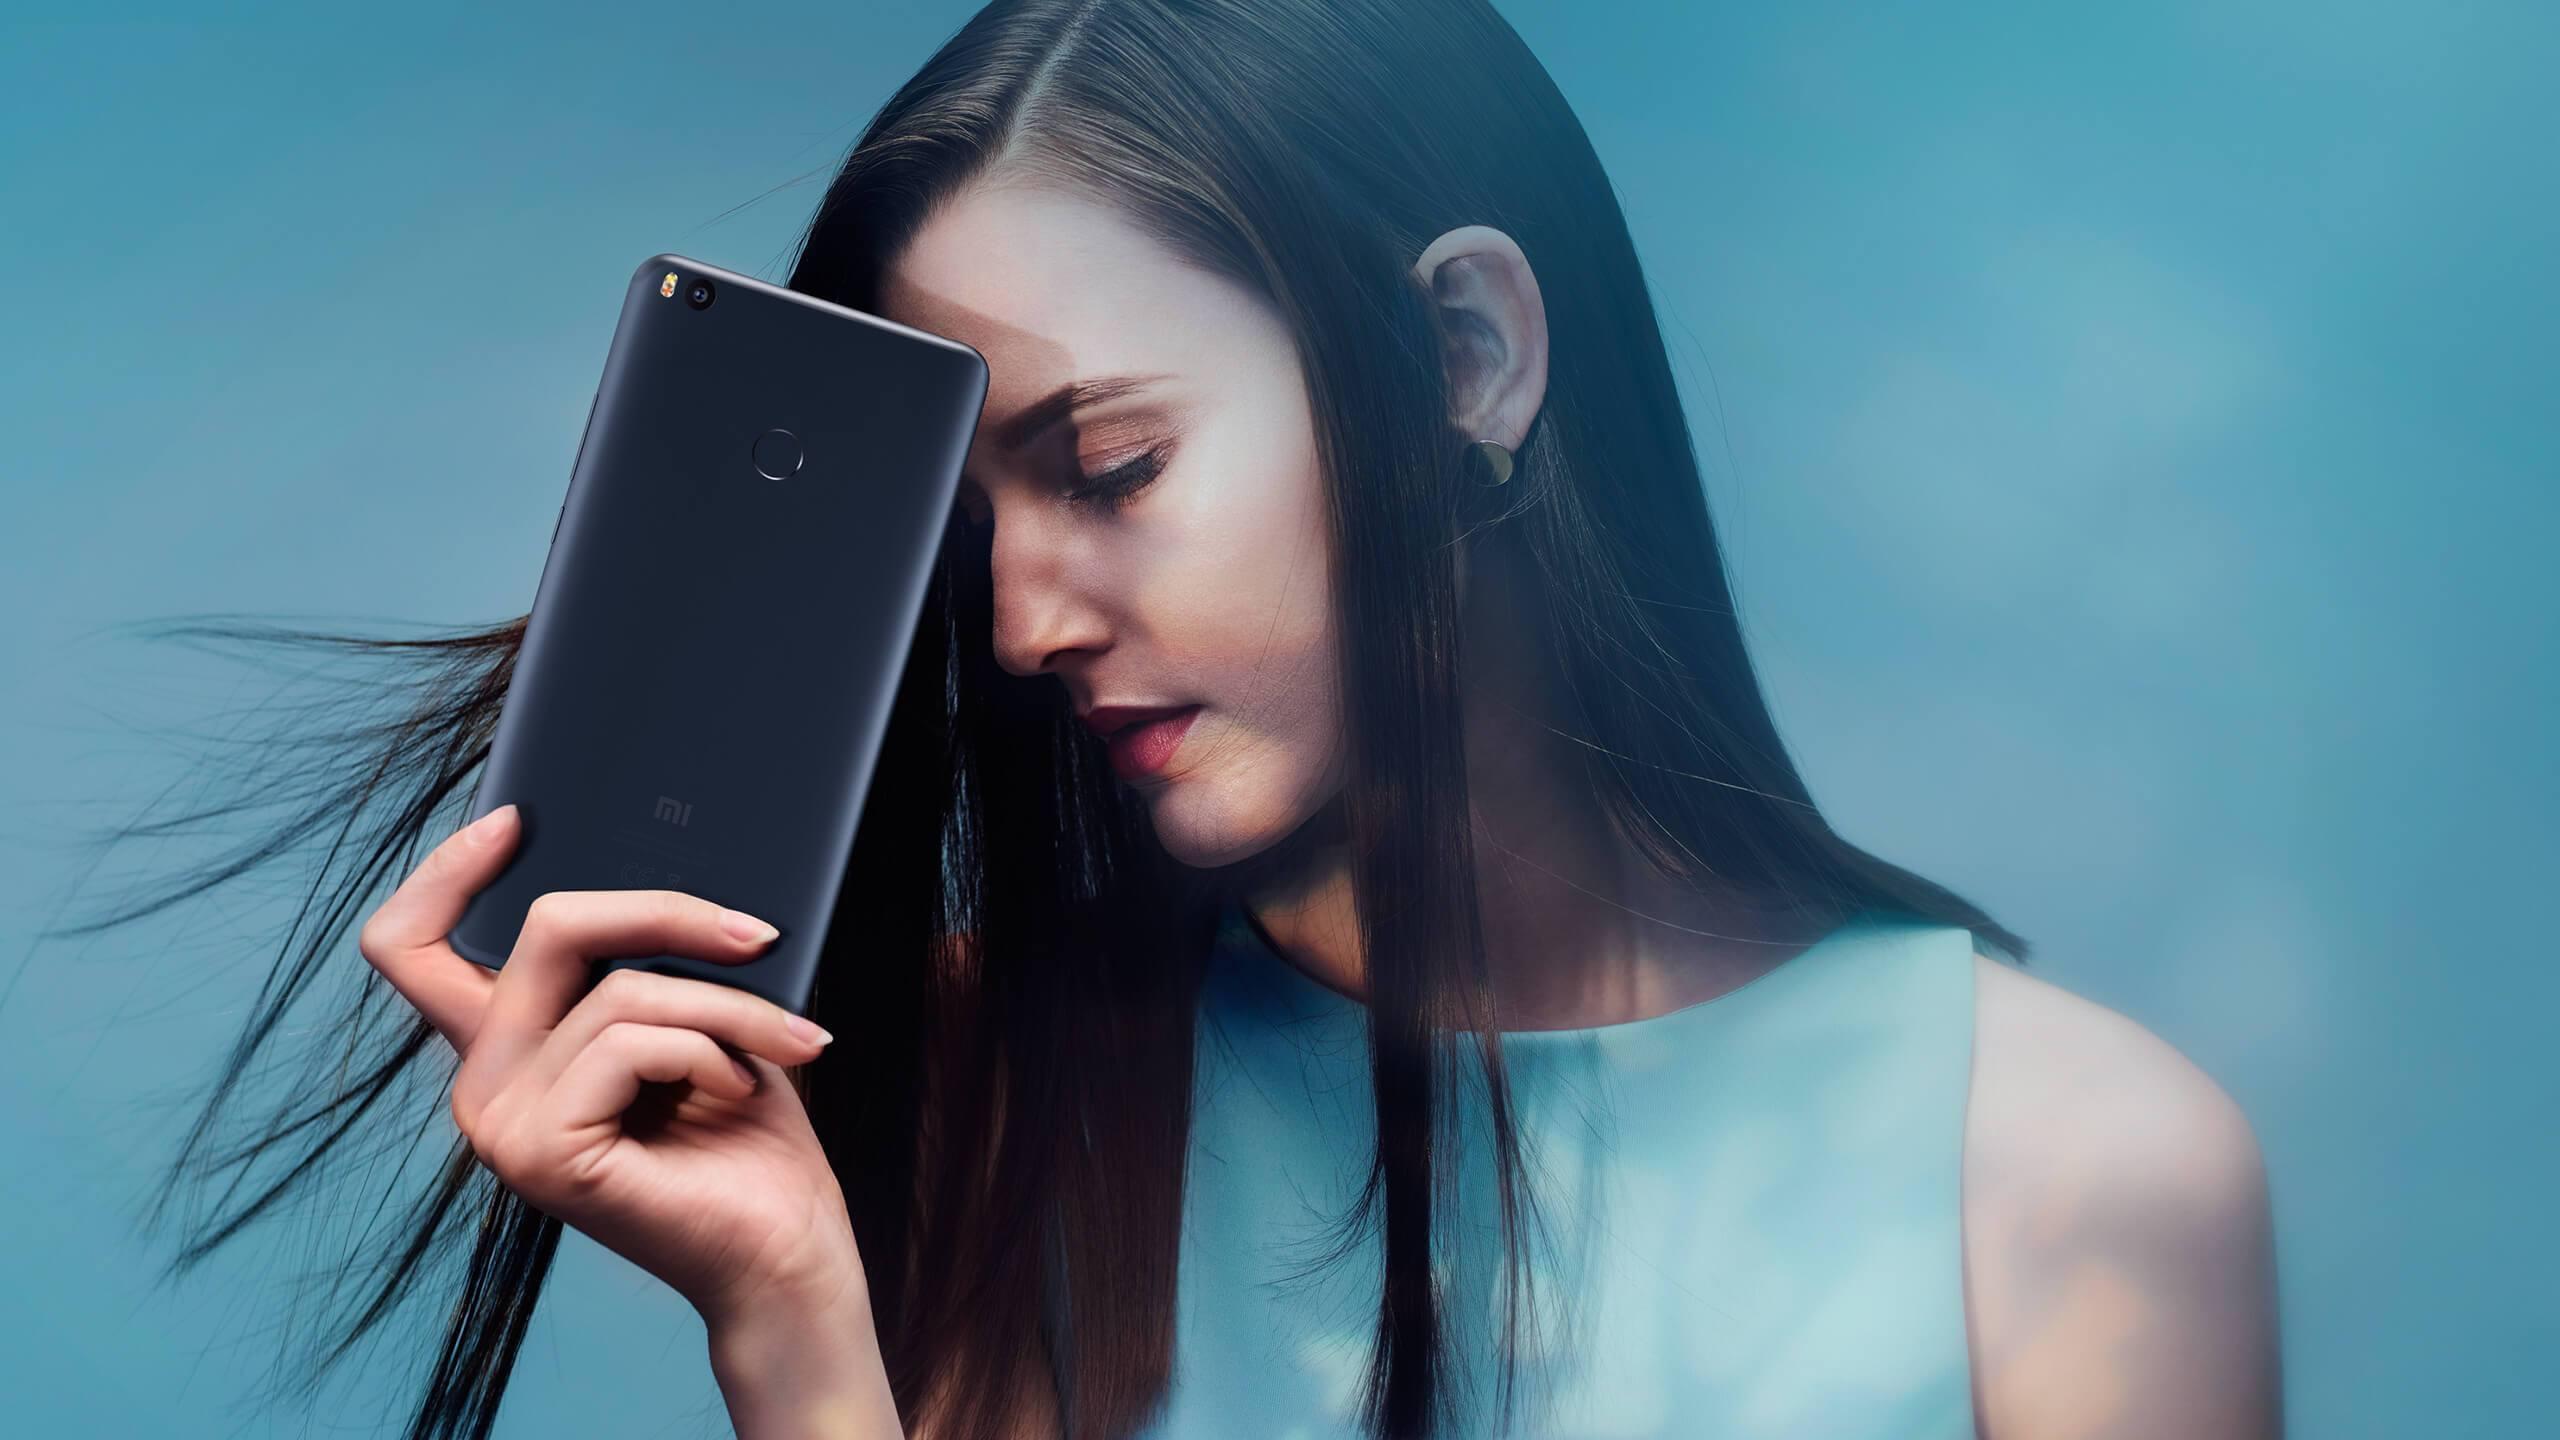 Kabar Menyedihkan, Xiaomi Akan Menghentikan Produksi dan Penjualan Ponsel Seri Mi Max dan Mi Note 3